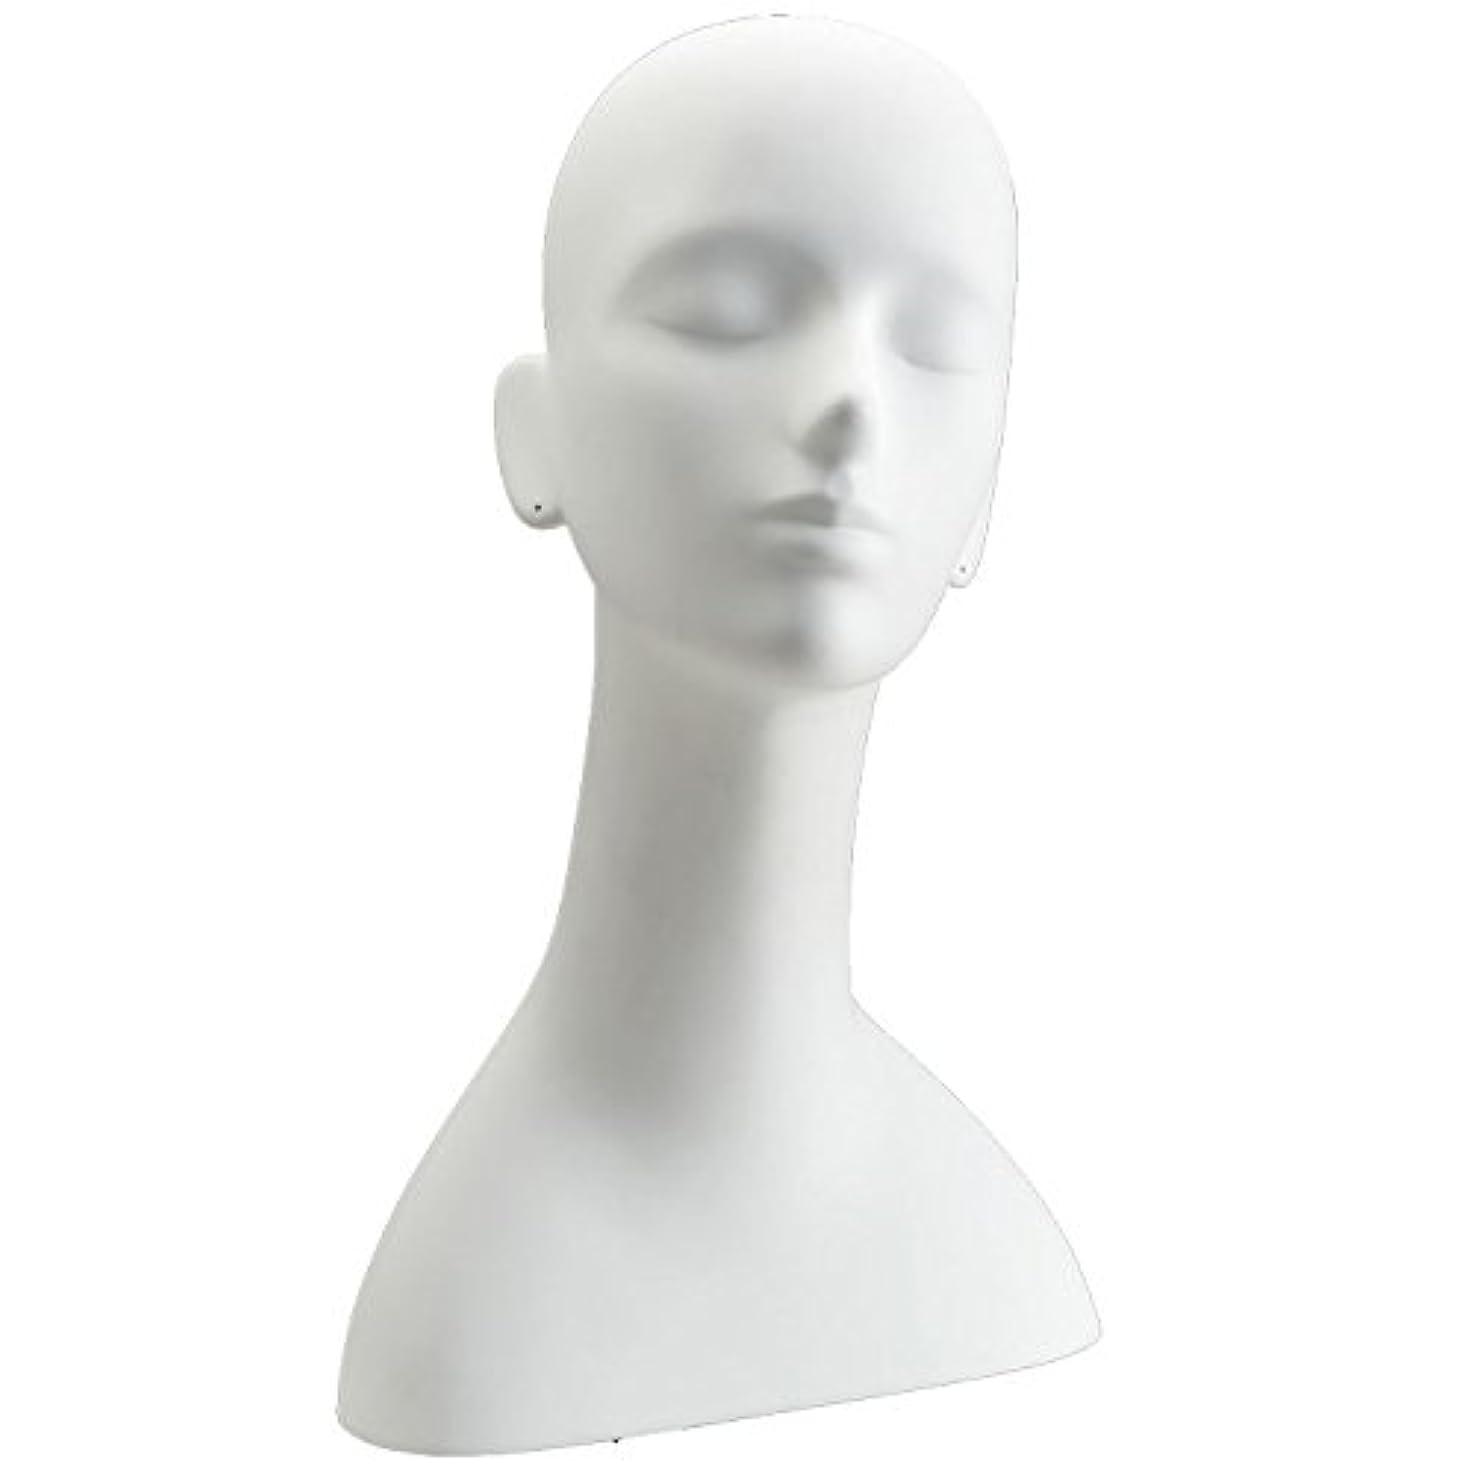 マルクス主義者病気調和キイヤ マネキンヘッド ヘッドトルソー ホワイト FRP樹脂製 ピアス穴加工済み TD-R5-25